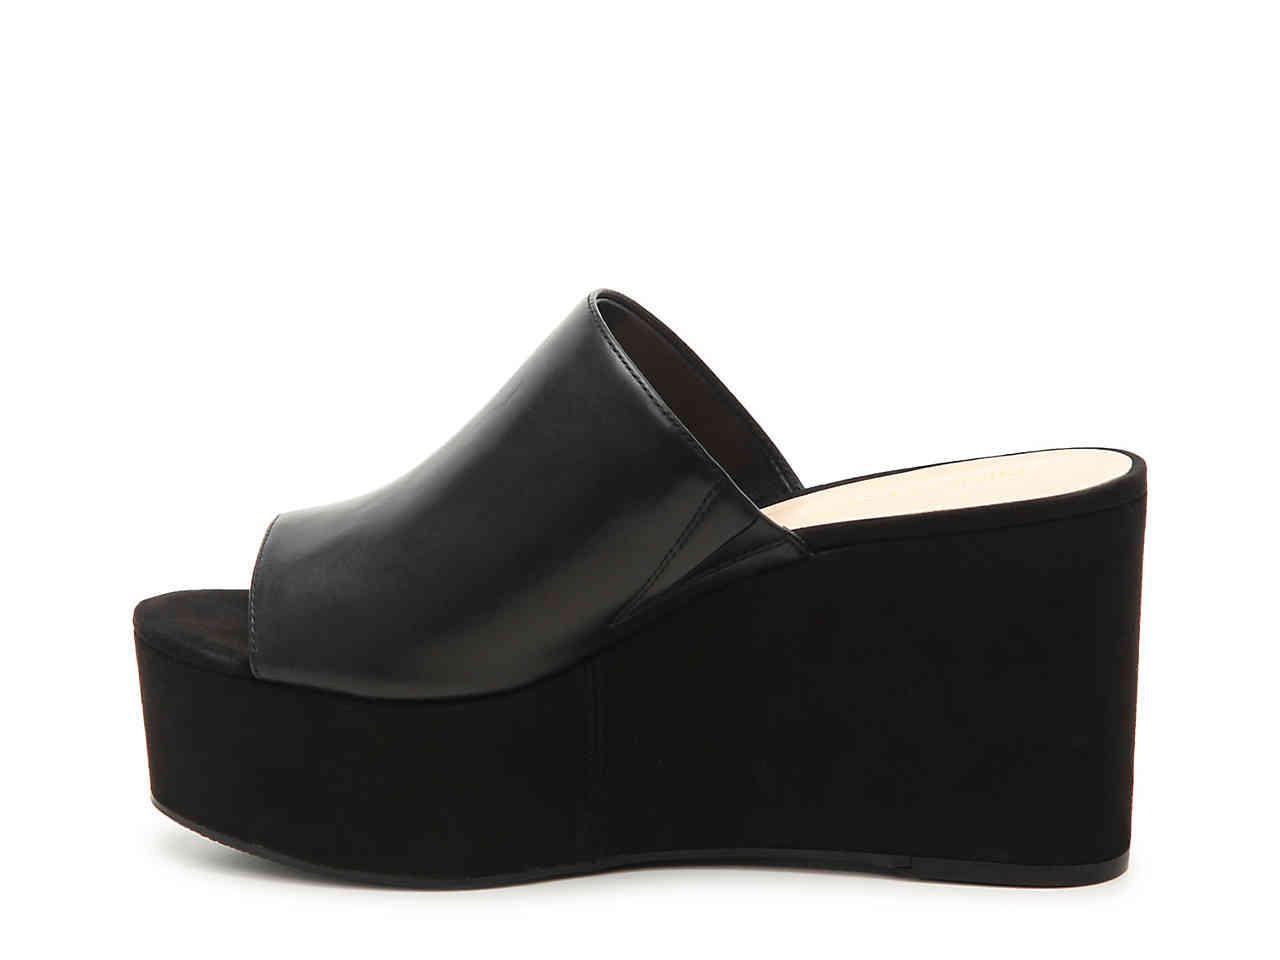 fbebd2a5f550 Lyst - Nine West Kelsawn Wedge Sandal in Black